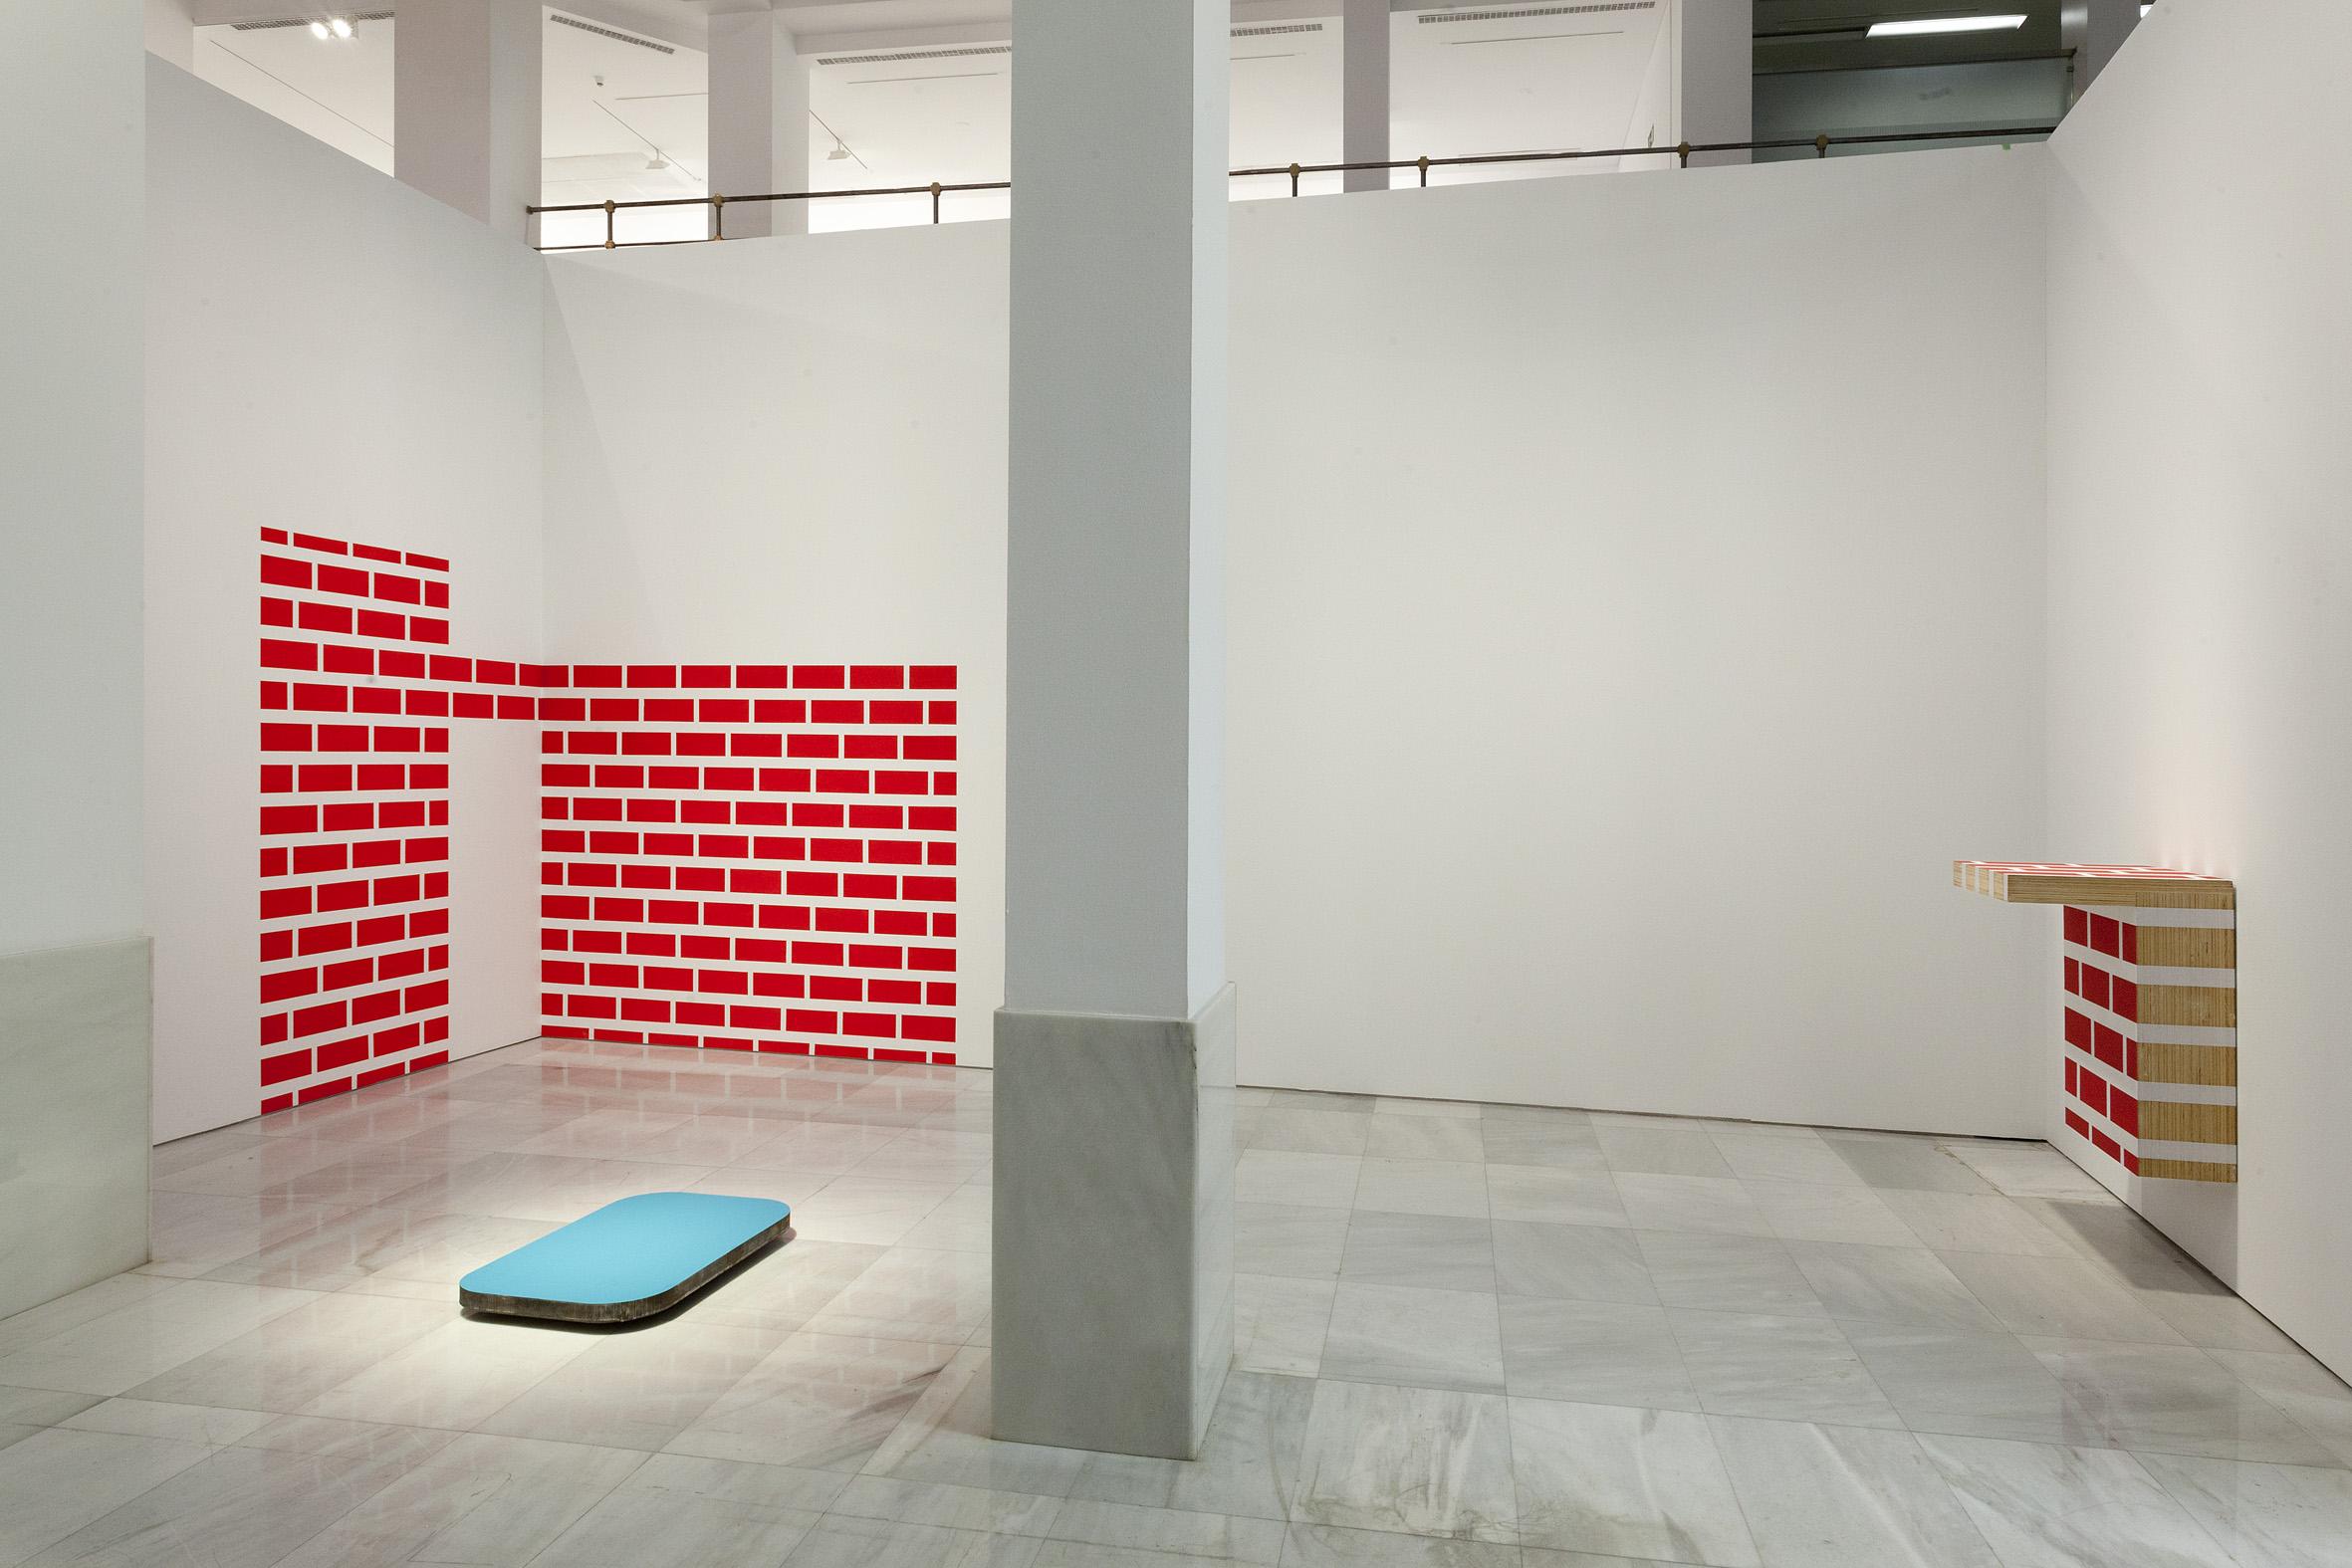 Pello Irazu (2015) - El muro incierto